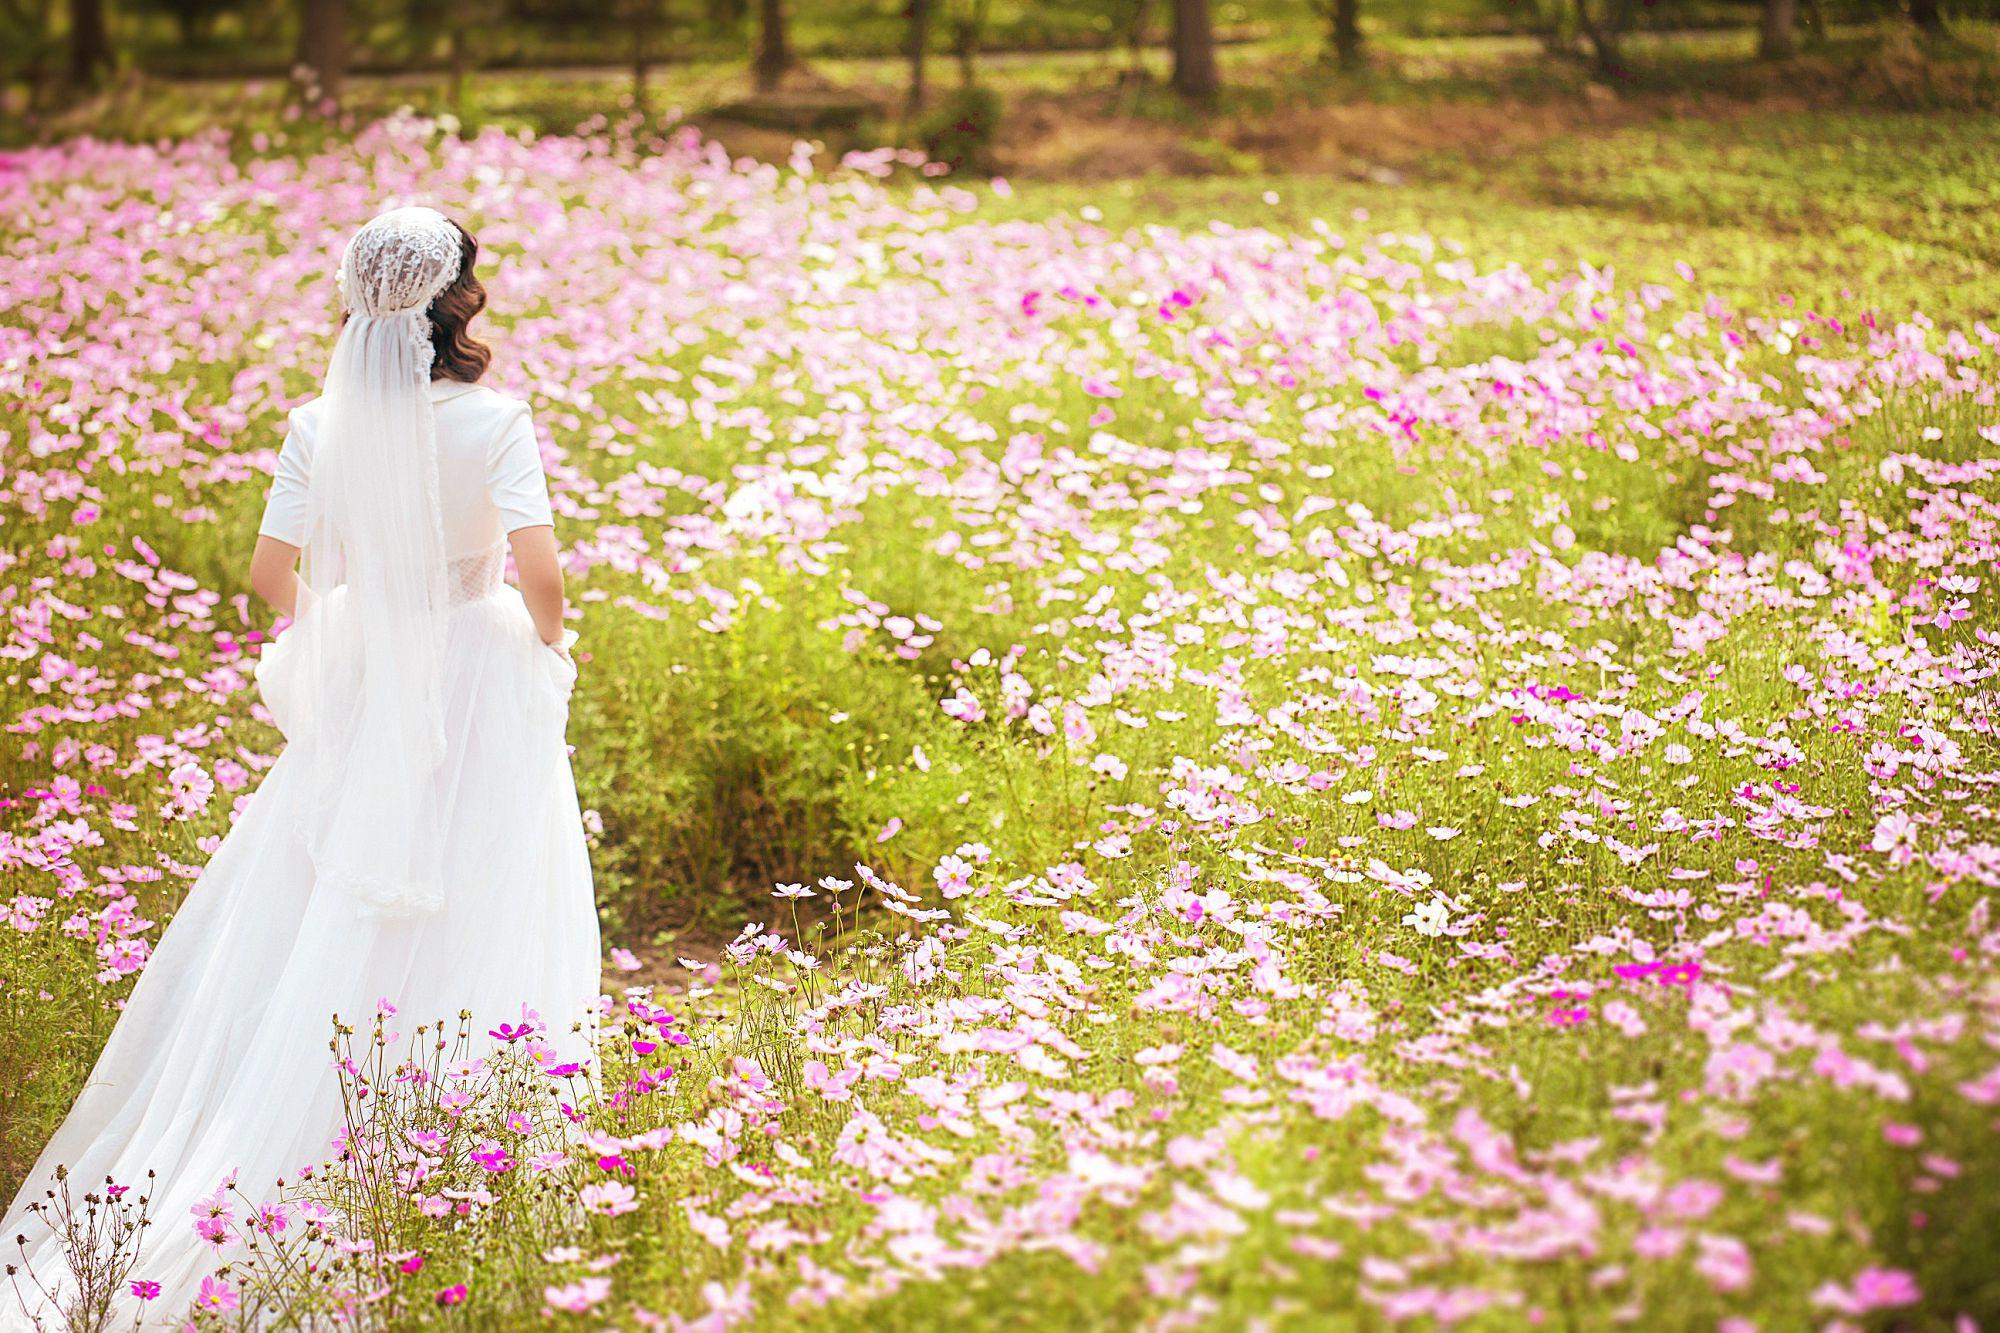 国外适合拍婚纱照的十大圣地,拍完顺便来个蜜月也不错!